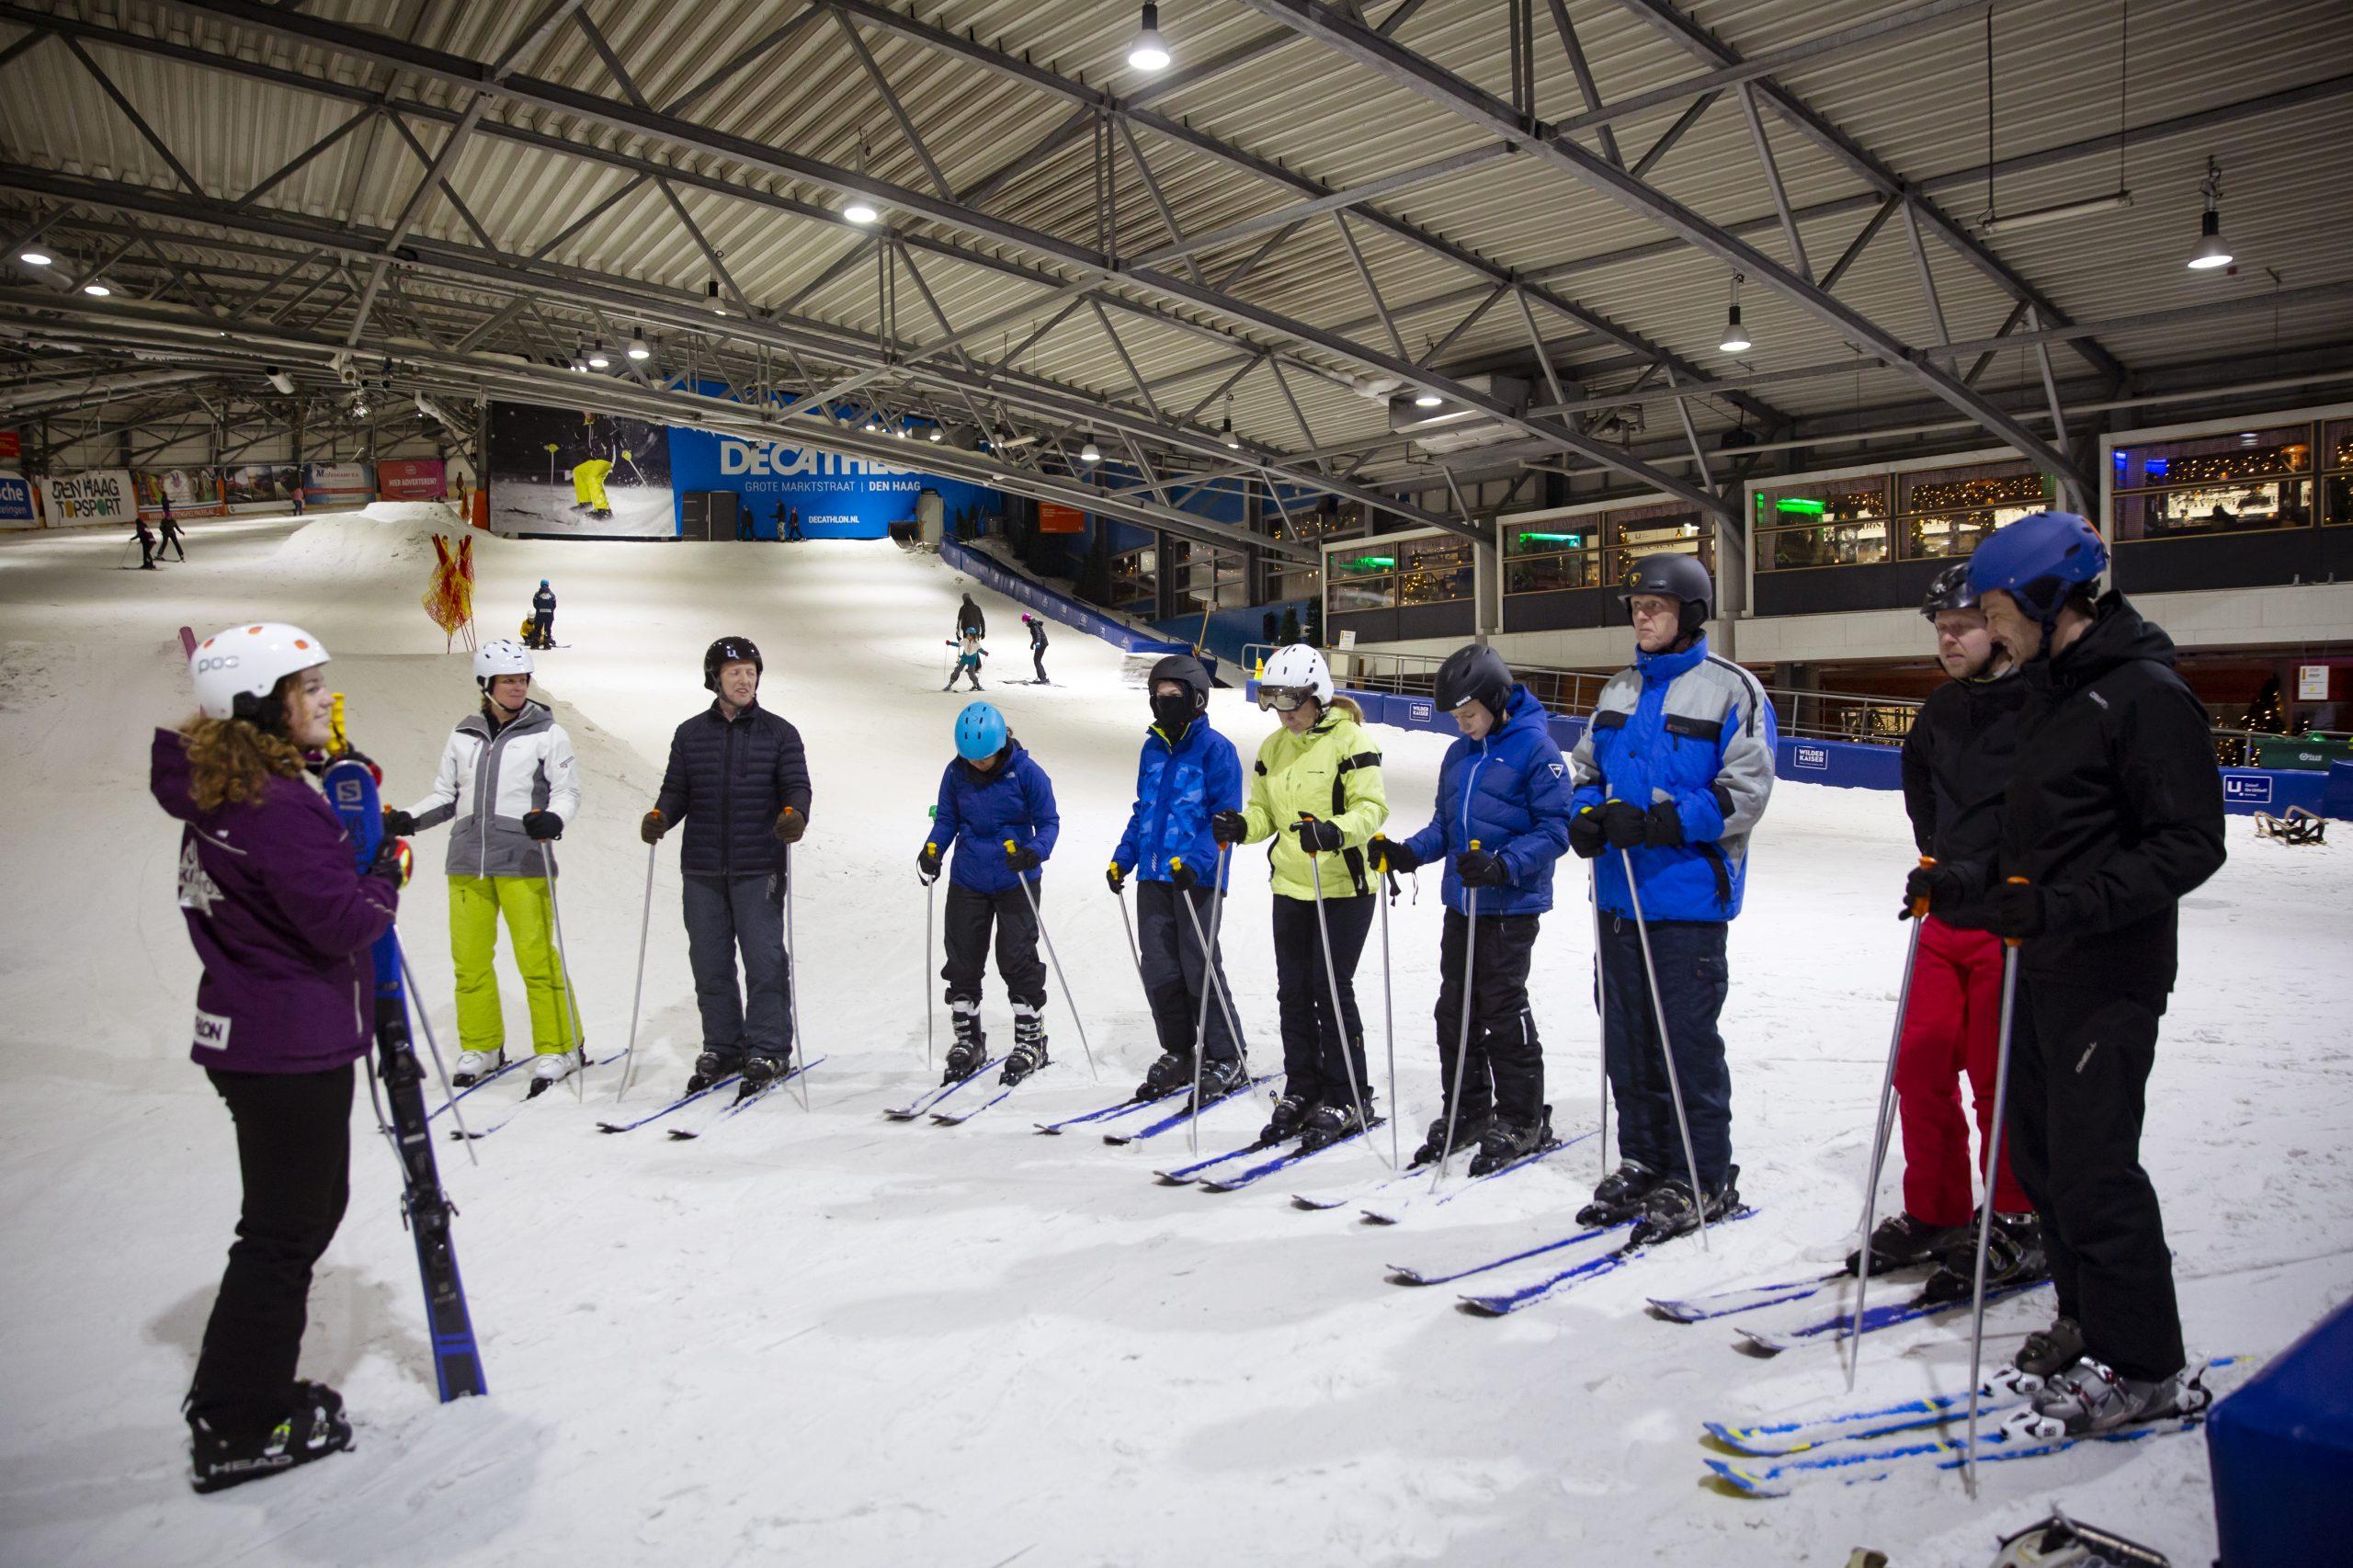 Skischool De Uithof